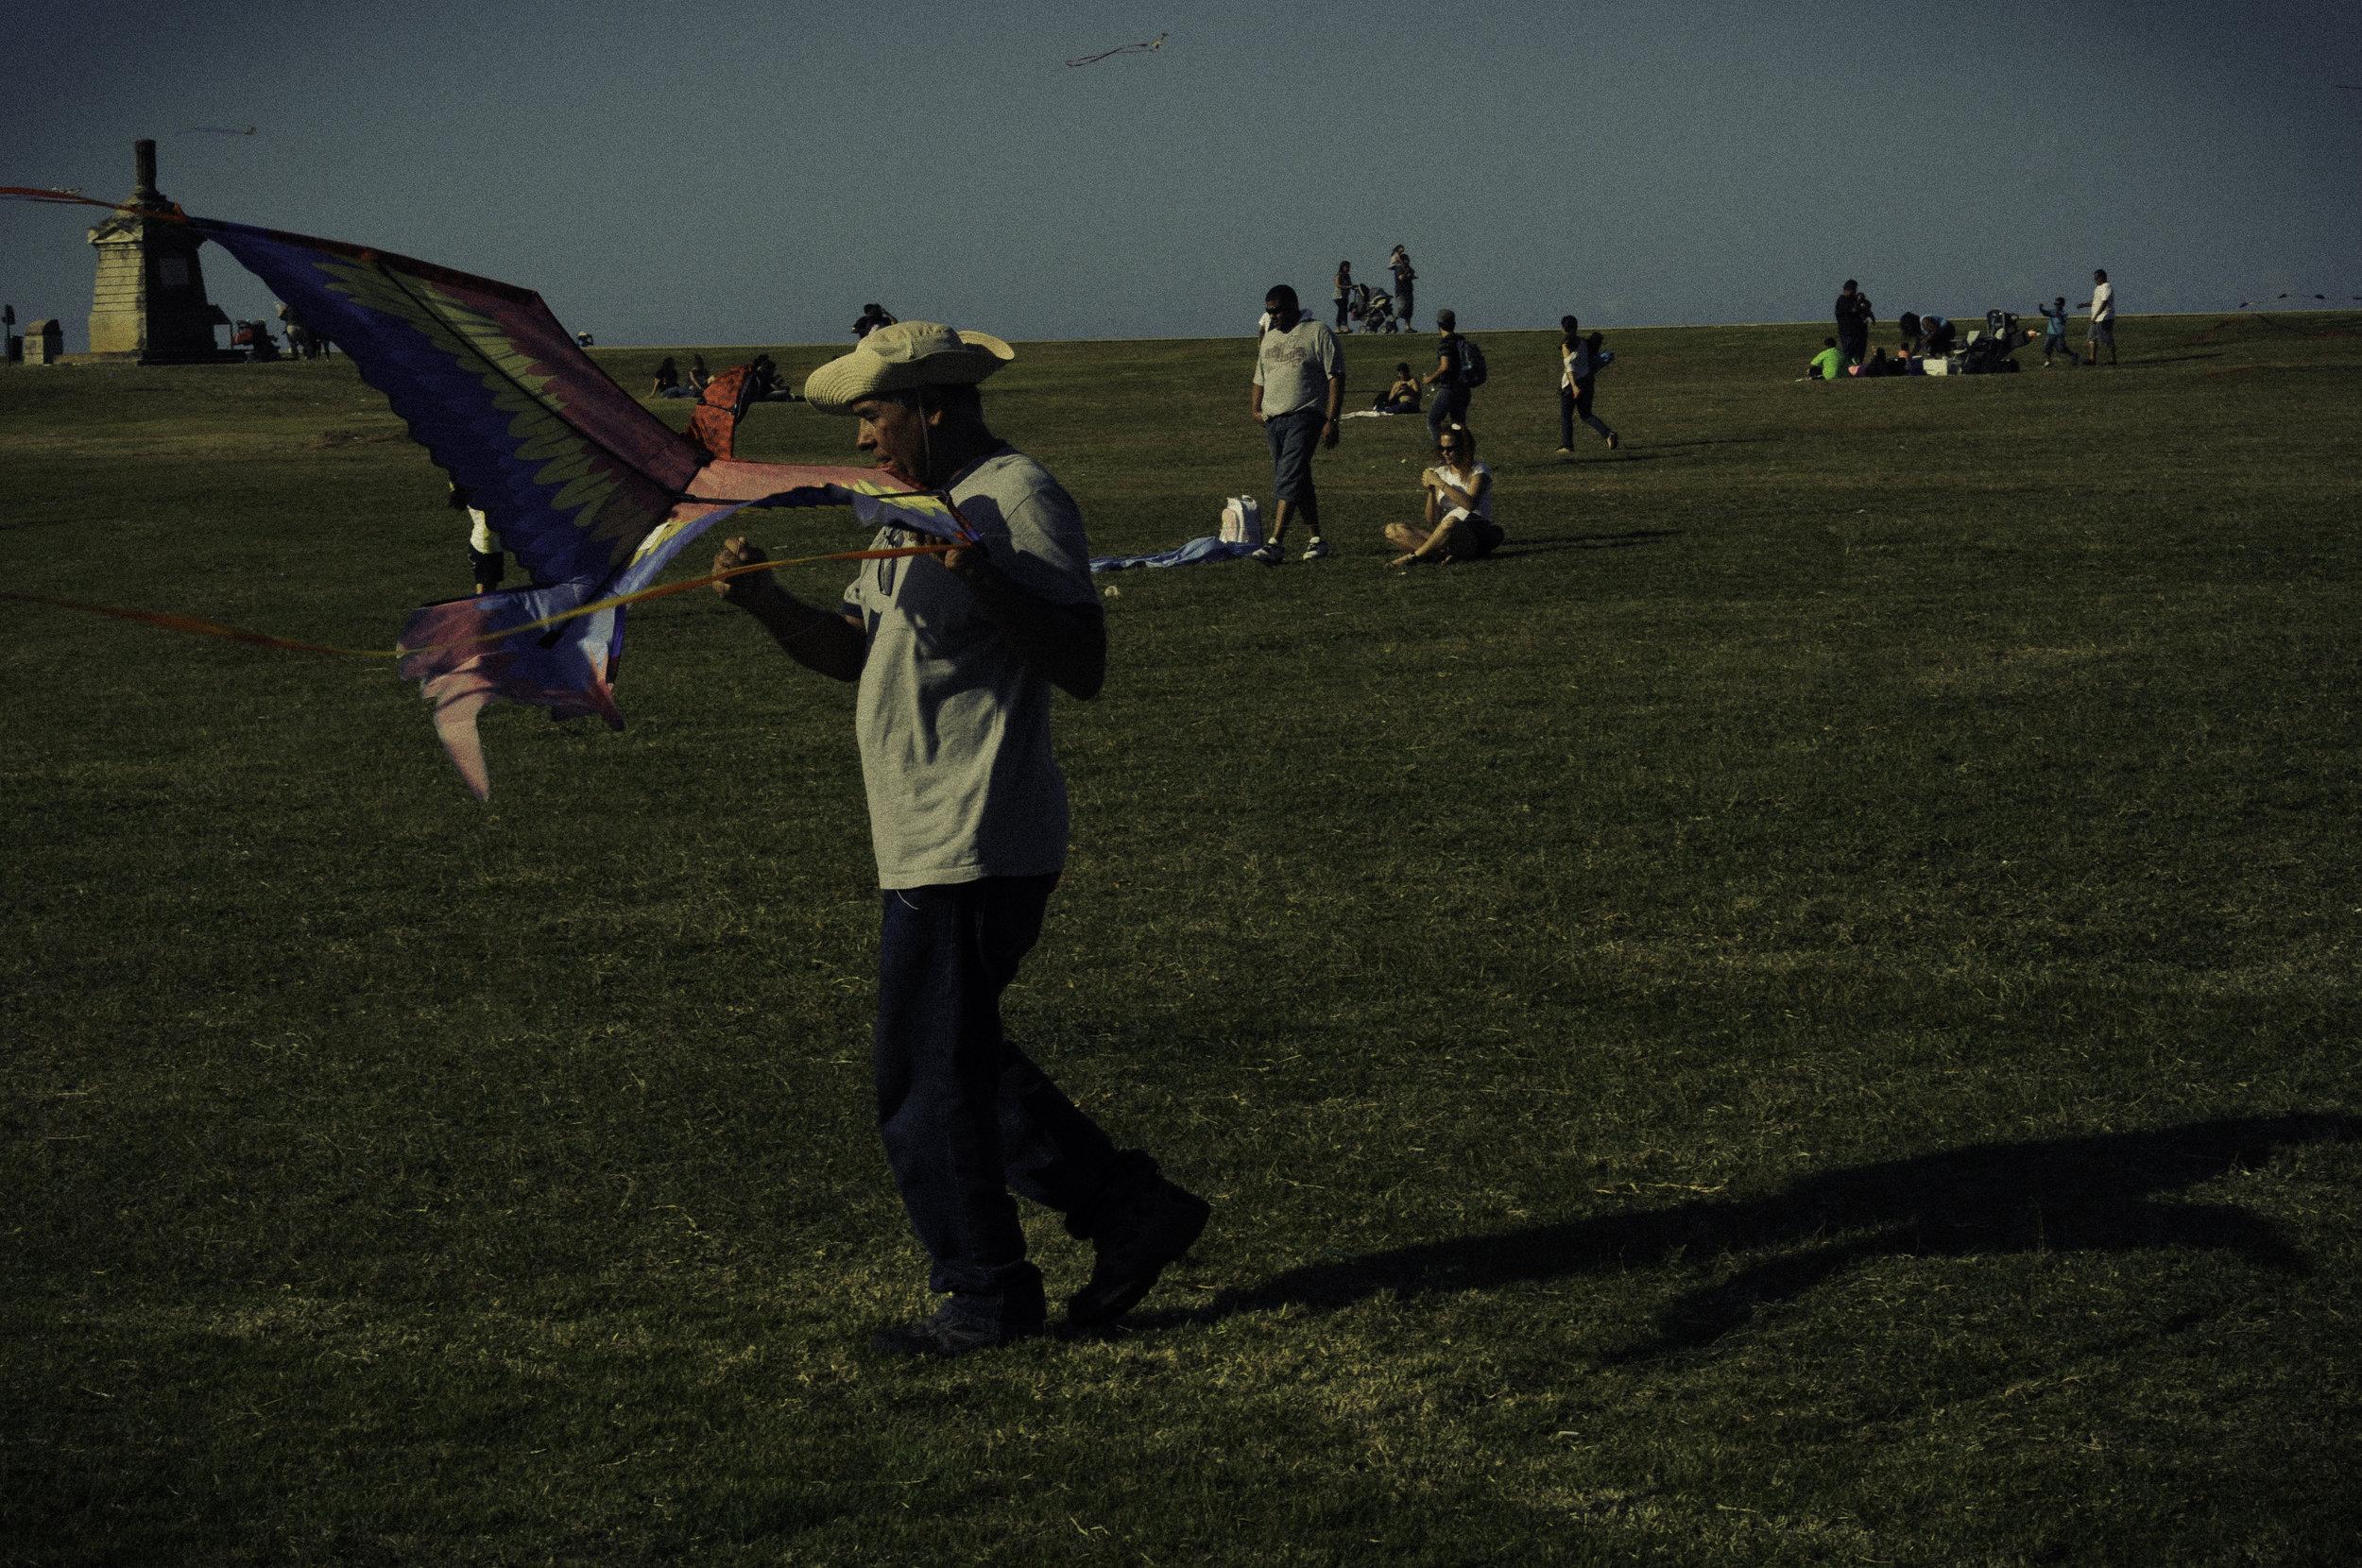 Man with Kite.jpg